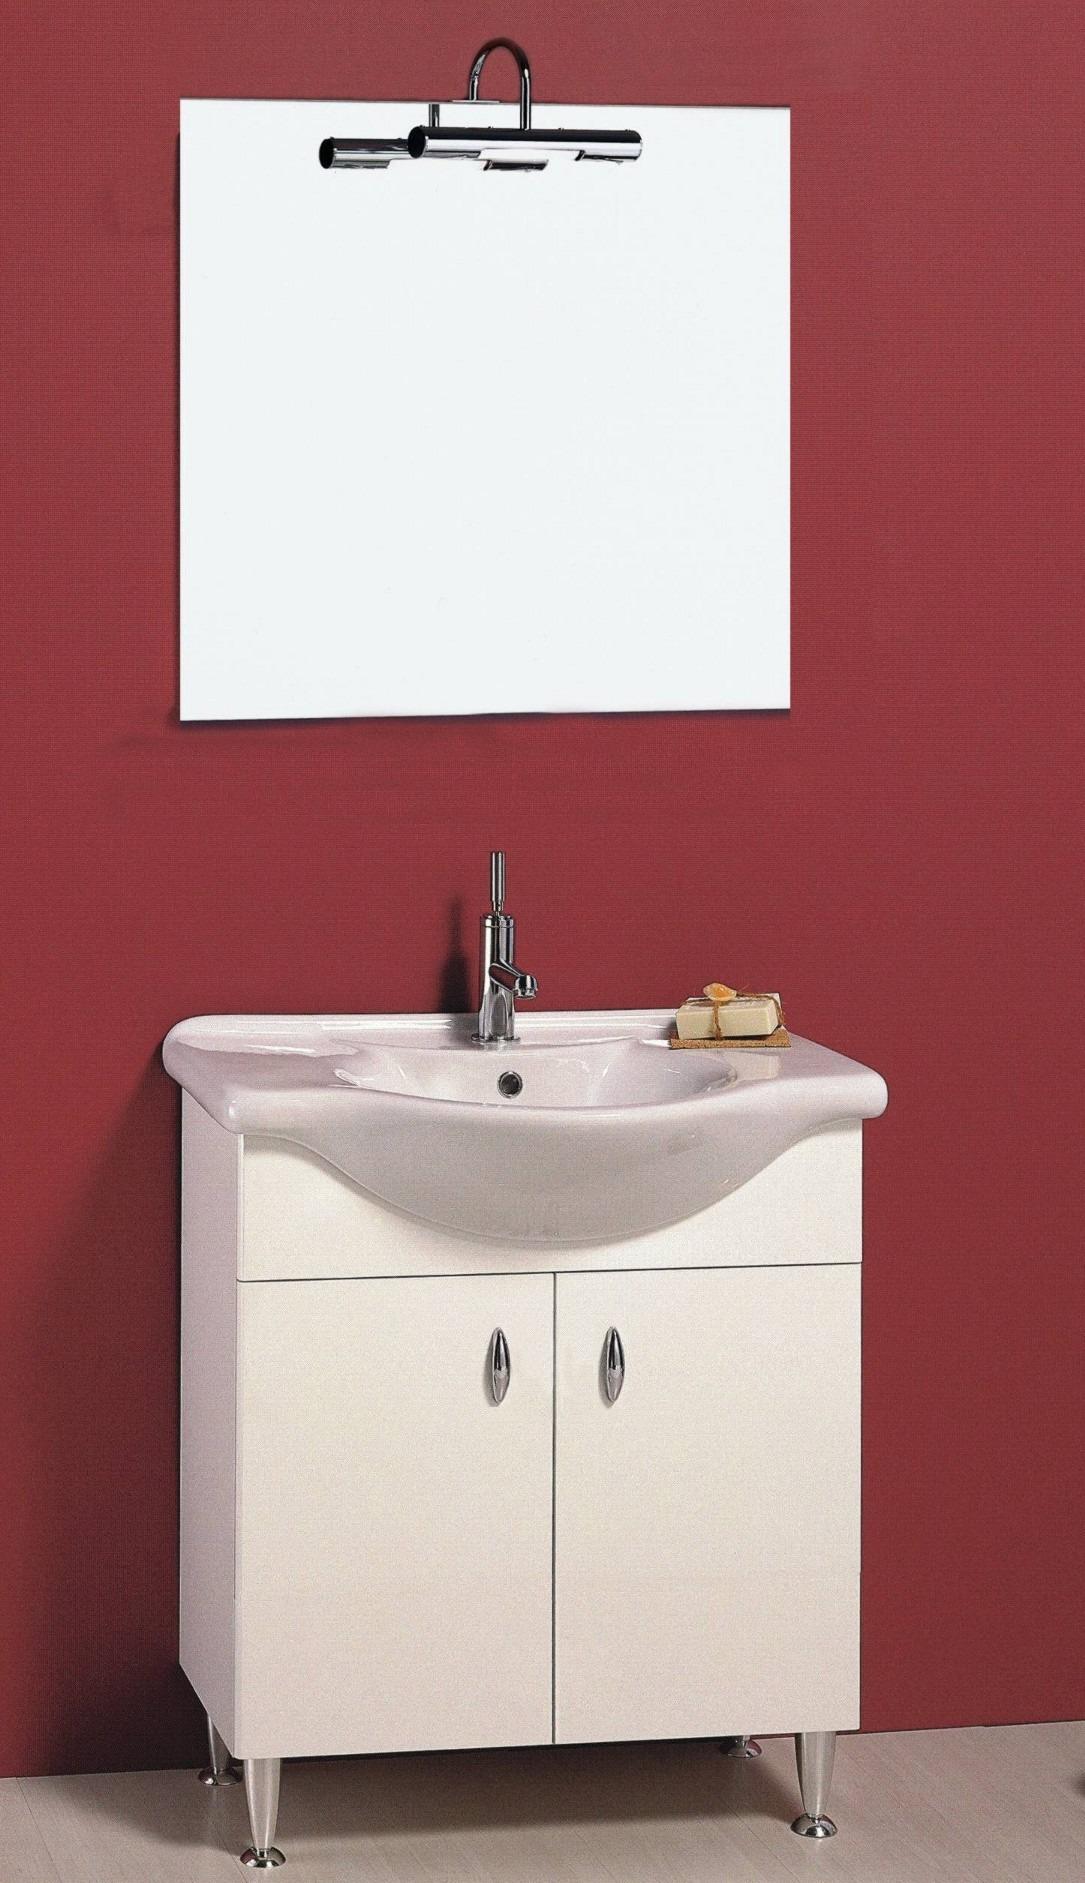 Mobile bagno 2 ante 85V Progetto Idea Stella - PiastrelMarmi Edil